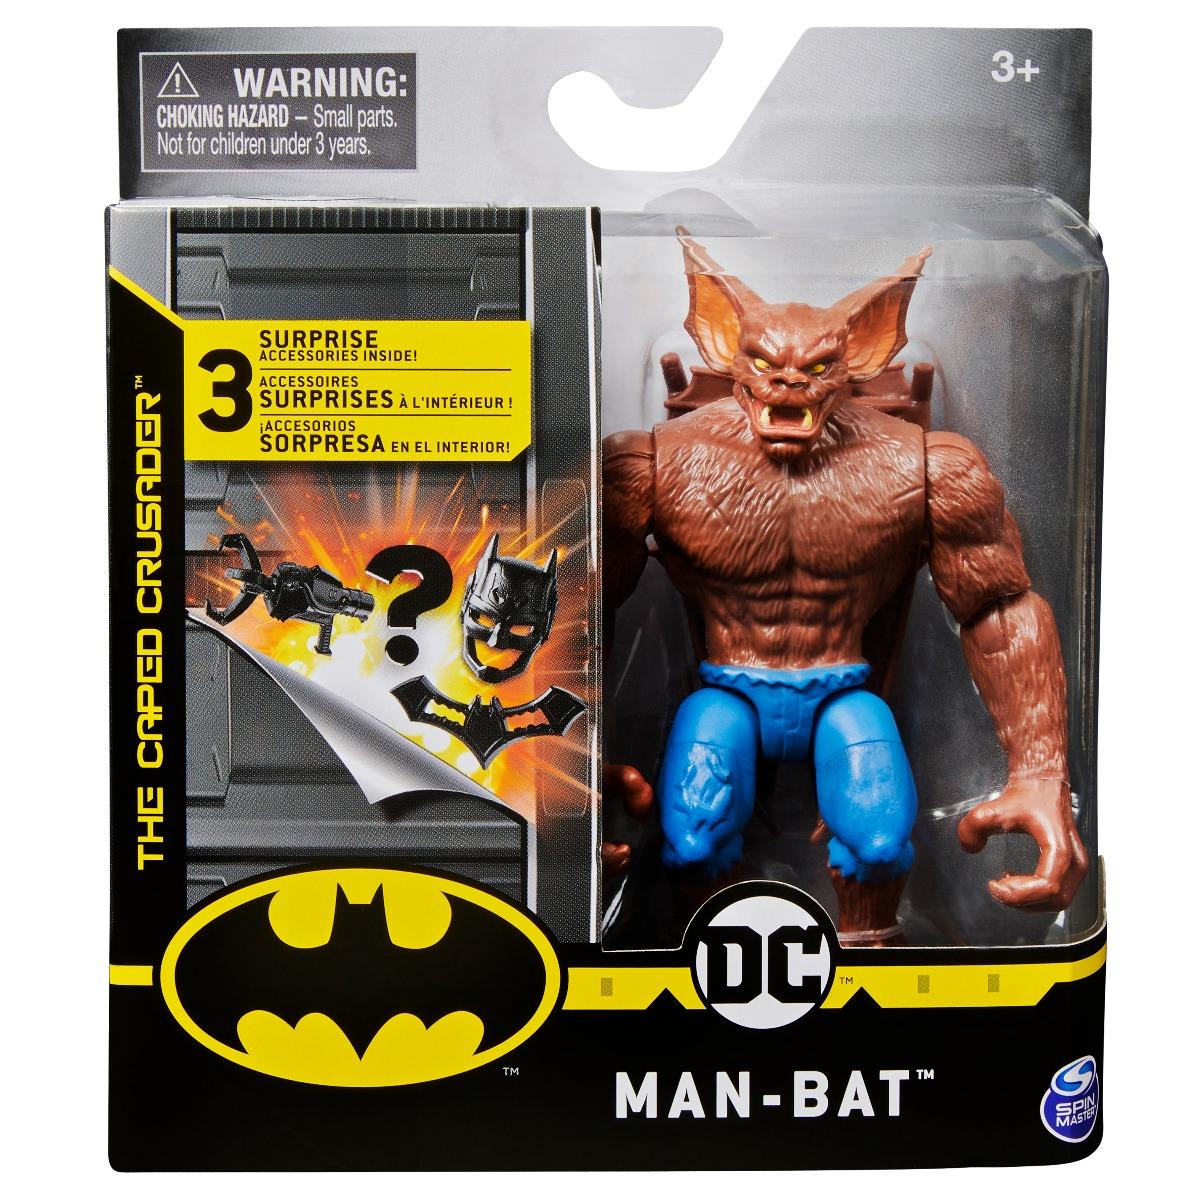 Set Figurina cu accesorii surpriza Batman, Man-Bat 20125784